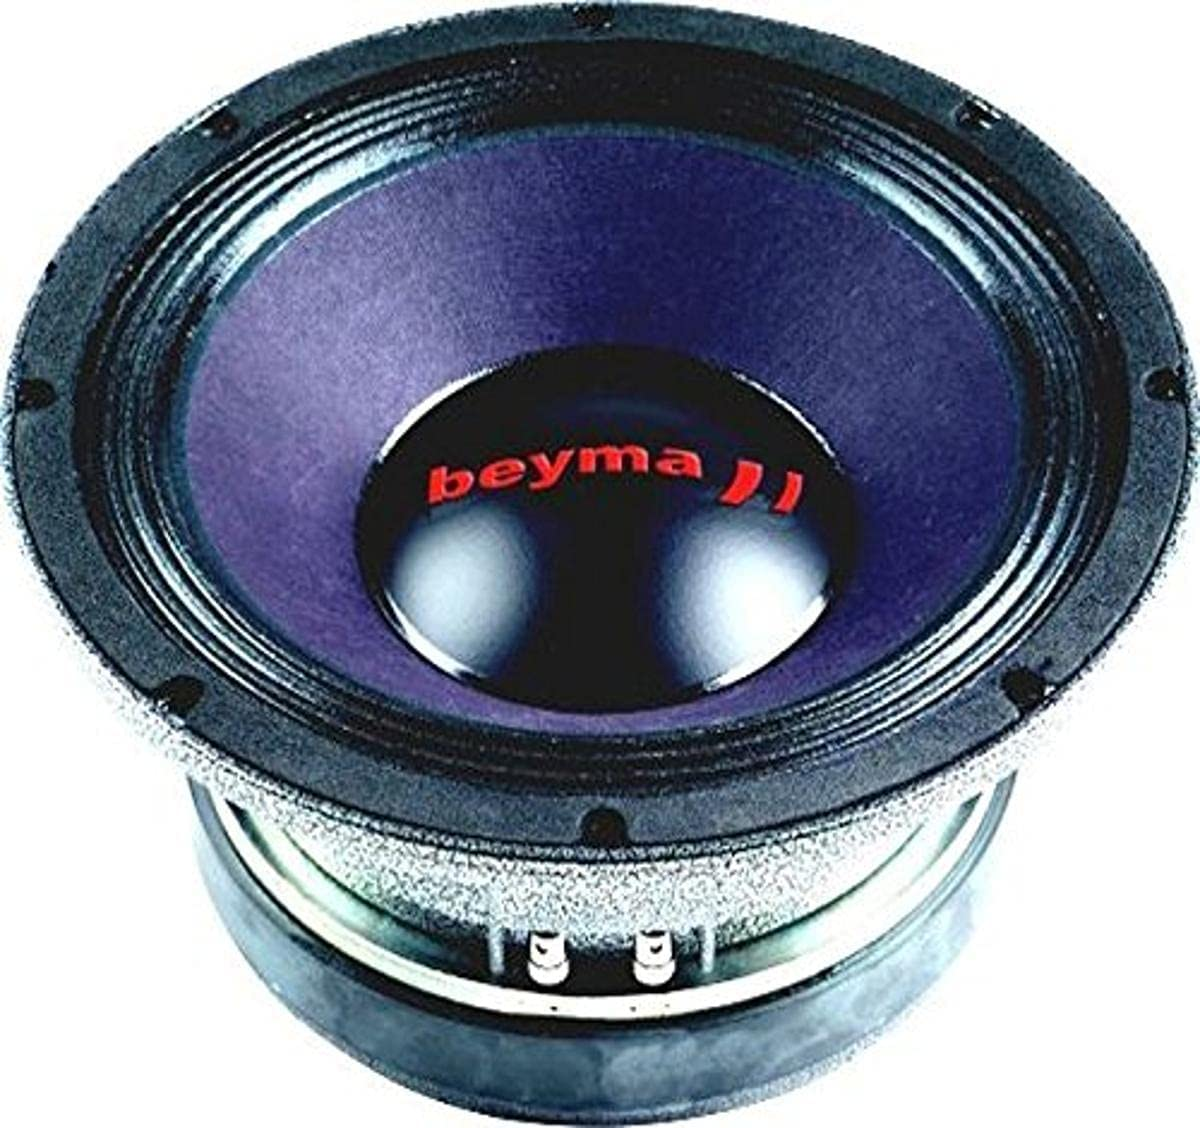 Beyma 10-inch PRO10MI 350 Watt RMS Midrange Speakers